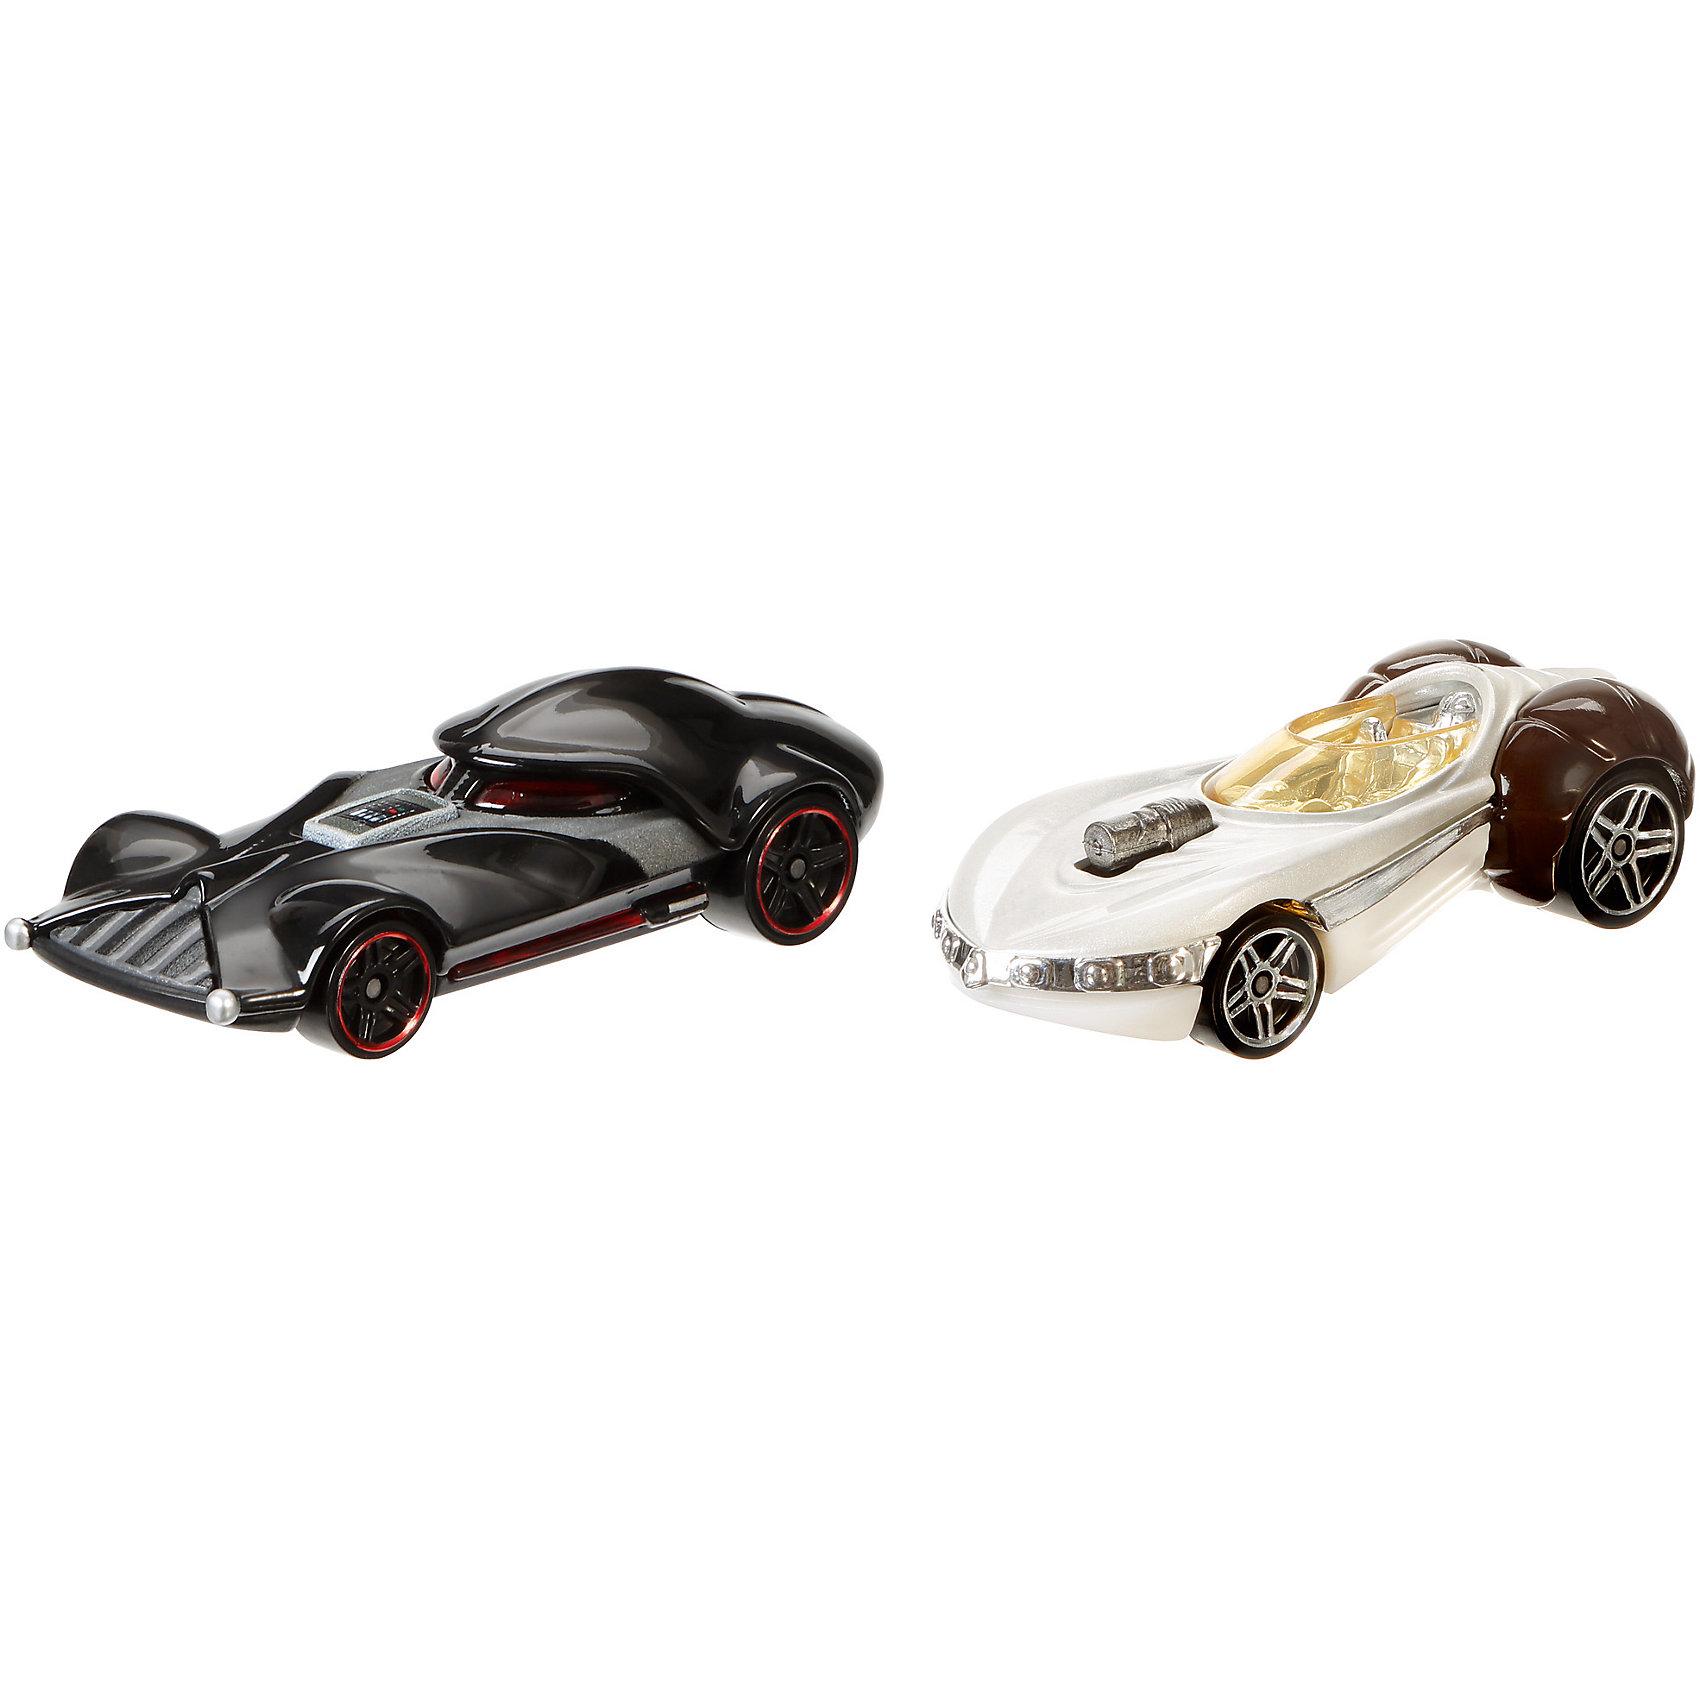 Набор из 2-х машинок Звездные войны, Hot WheelsЗвездные войны Игрушки<br>Базовые машинки Star Wars, Hot Wheels (Хот Вилс) – этот набор порадует юного автолюбителя и поклонника межгалактических приключений. В этом наборе от Хот Вилс любимые миллионами персонажи «Звездных войн» робот C-3PO и астродроид R2D2 предстают в виде машинок. Несмотря на то, что их внешний вид в фильмах нисколько не походил на машины, каждый персонаж прекрасно узнаваем по цветам и характерным деталям, которые перешли от героев в дизайн автомобилей. Машинки понравятся поклонникам всех возрастов: соберите полную коллекцию и устраивайте гонки по всей галактике!  <br><br>Дополнительная информация:  <br>- В комплекте: 2 машины <br>- Масштаб: 1:64 <br>- Материал: пластик, металл <br>- Упаковка: блистер на картоне <br>- Размер упаковки: 20,3 x 6,4 x 16,5 см.  <br><br>Базовые машинки Star Wars, Hot Wheels (Хот Вилс) можно купить в нашем интернет-магазине.<br><br>Ширина мм: 65<br>Глубина мм: 205<br>Высота мм: 165<br>Вес г: 166<br>Возраст от месяцев: 48<br>Возраст до месяцев: 120<br>Пол: Мужской<br>Возраст: Детский<br>SKU: 4983082